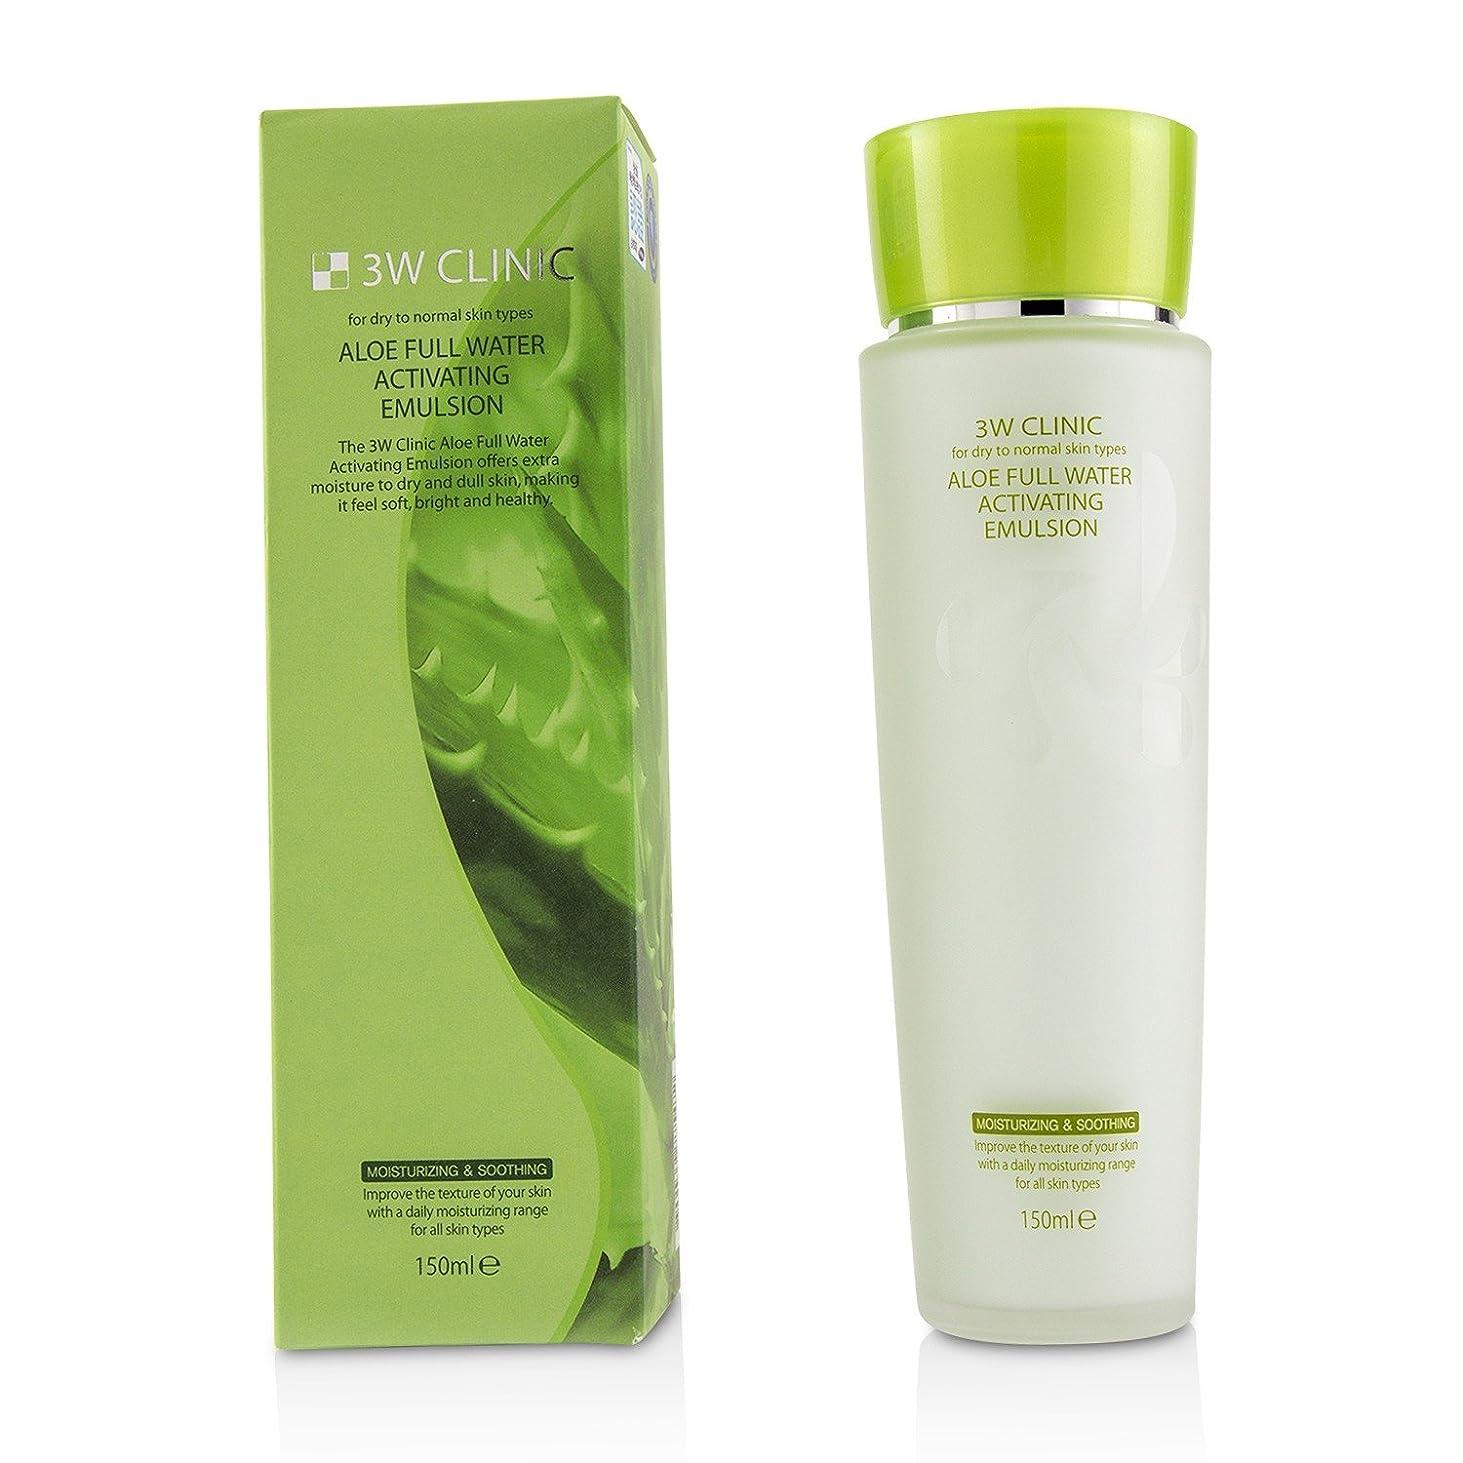 発掘する拮抗シャンプー3Wクリニック Aloe Full Water Activating Emulsion - For Dry to Normal Skin Types 150ml/5oz並行輸入品